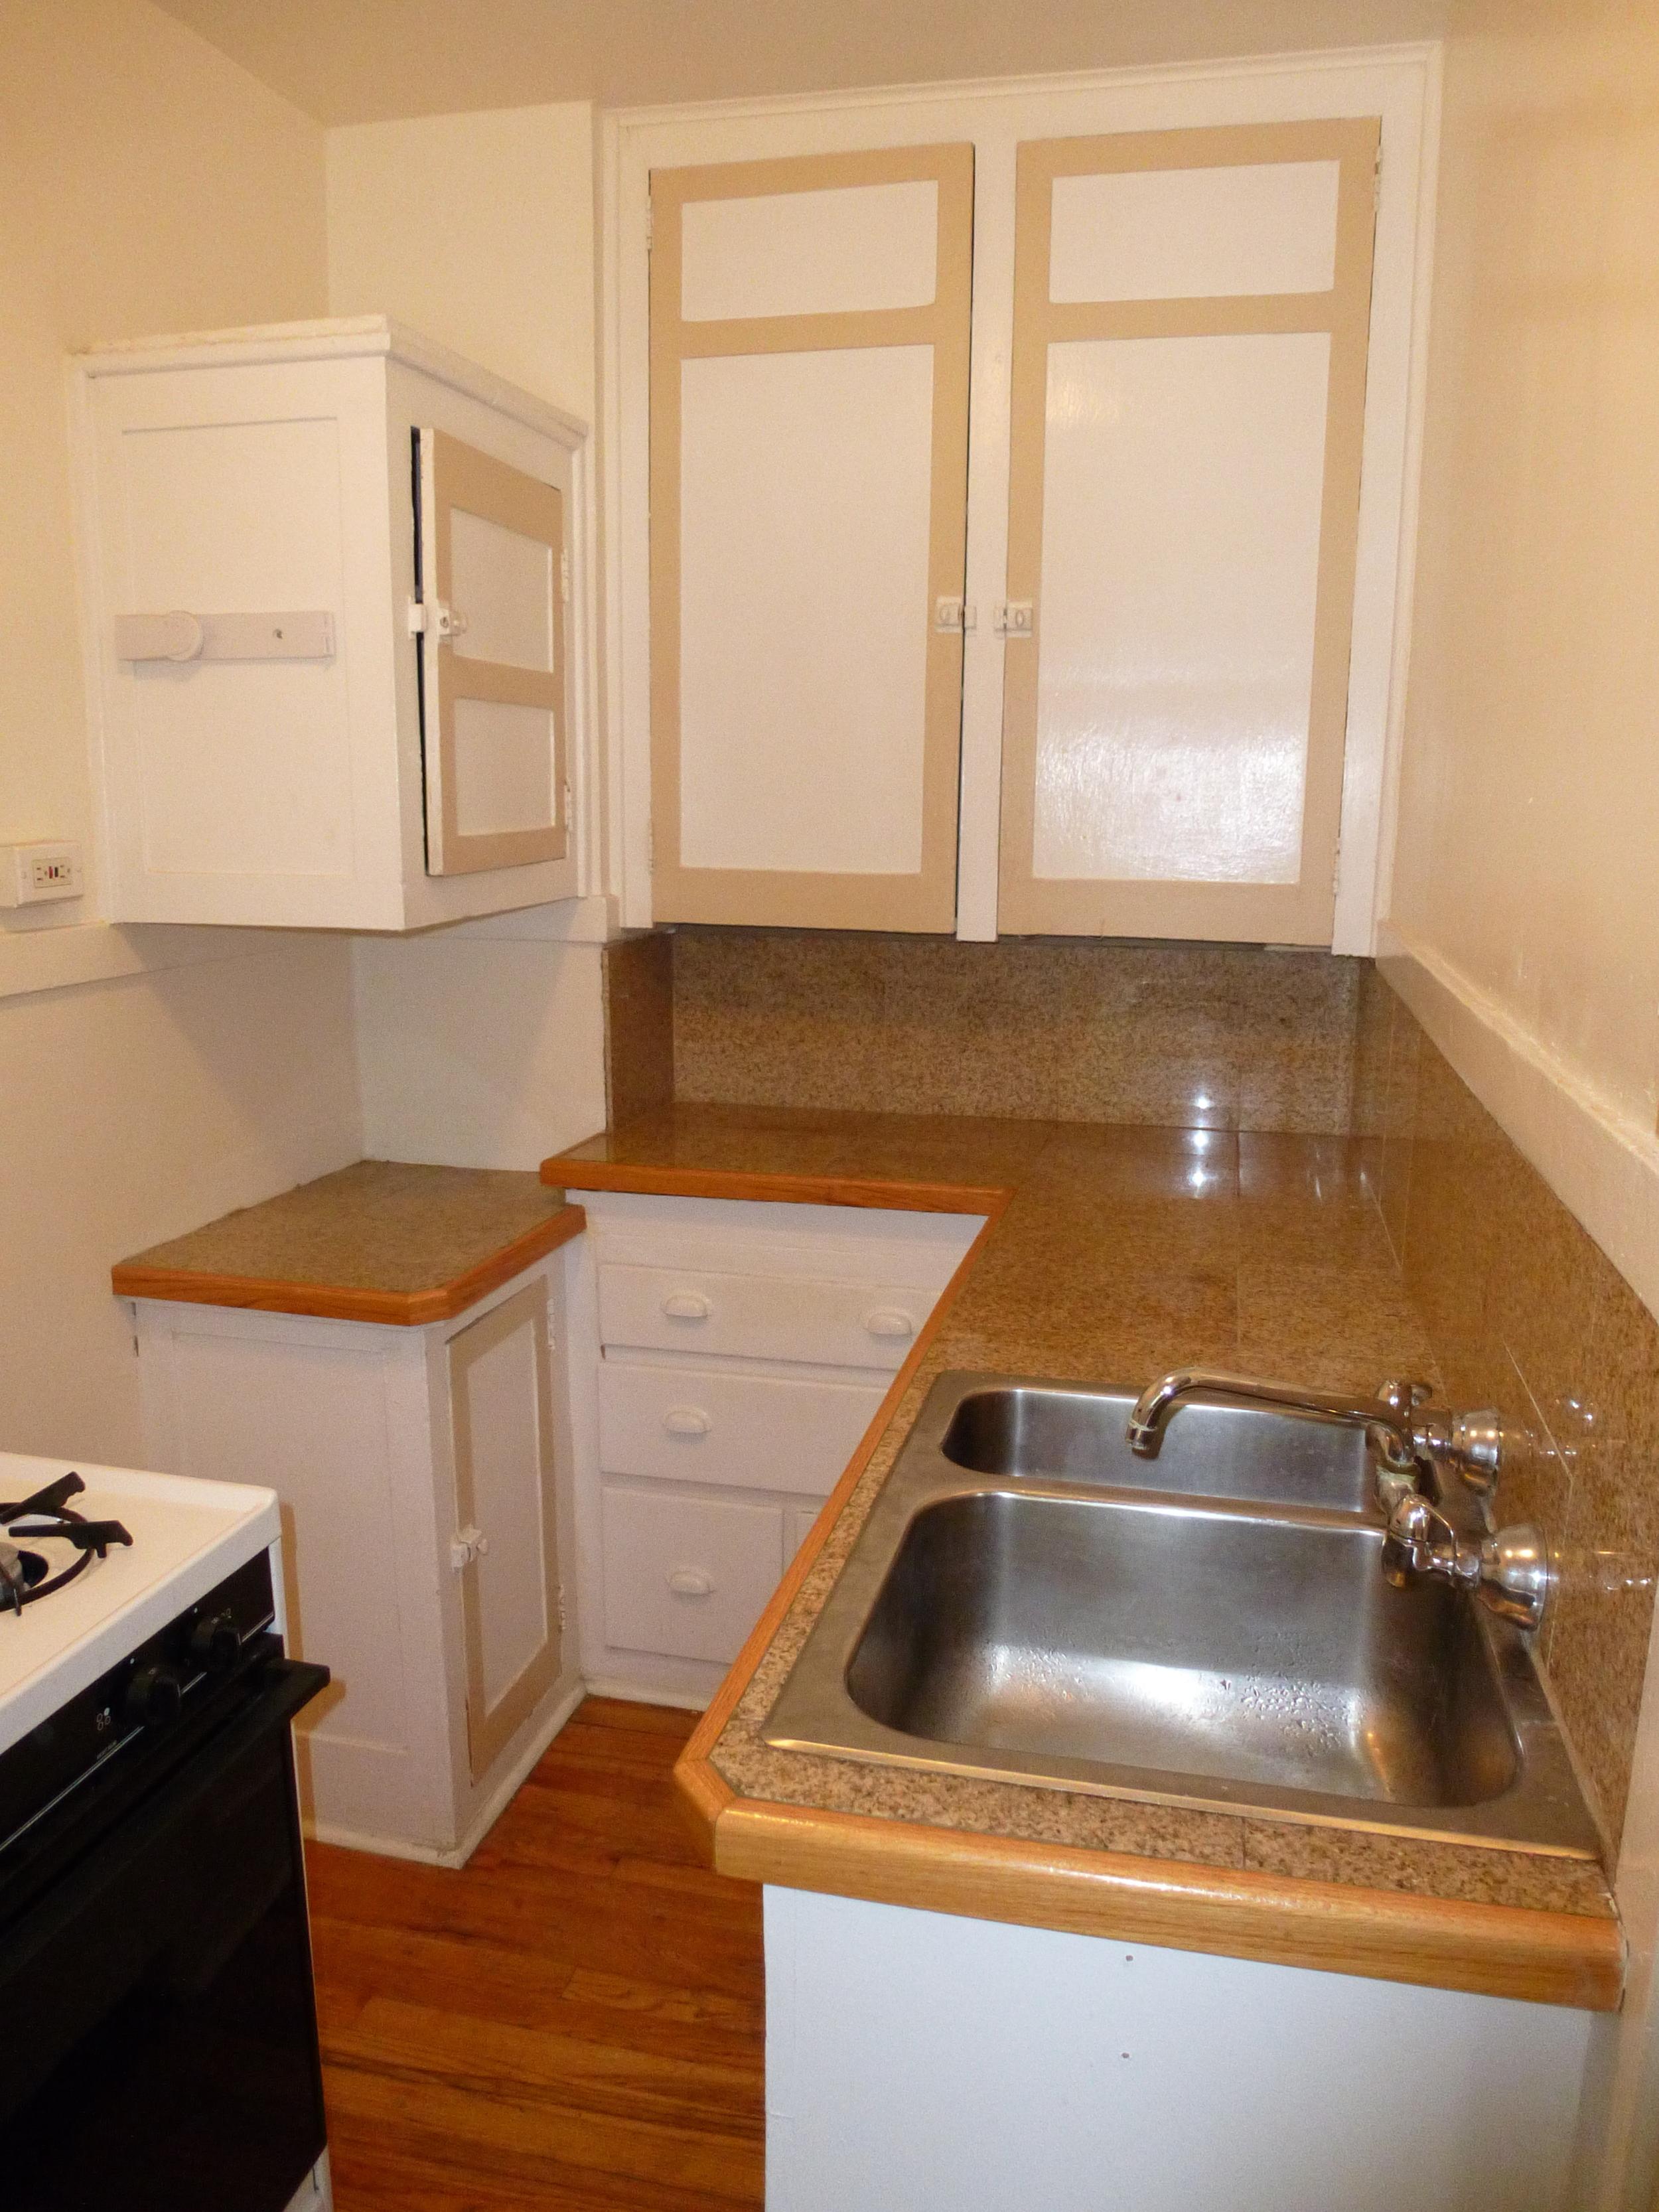 ee kitchen 1.JPG